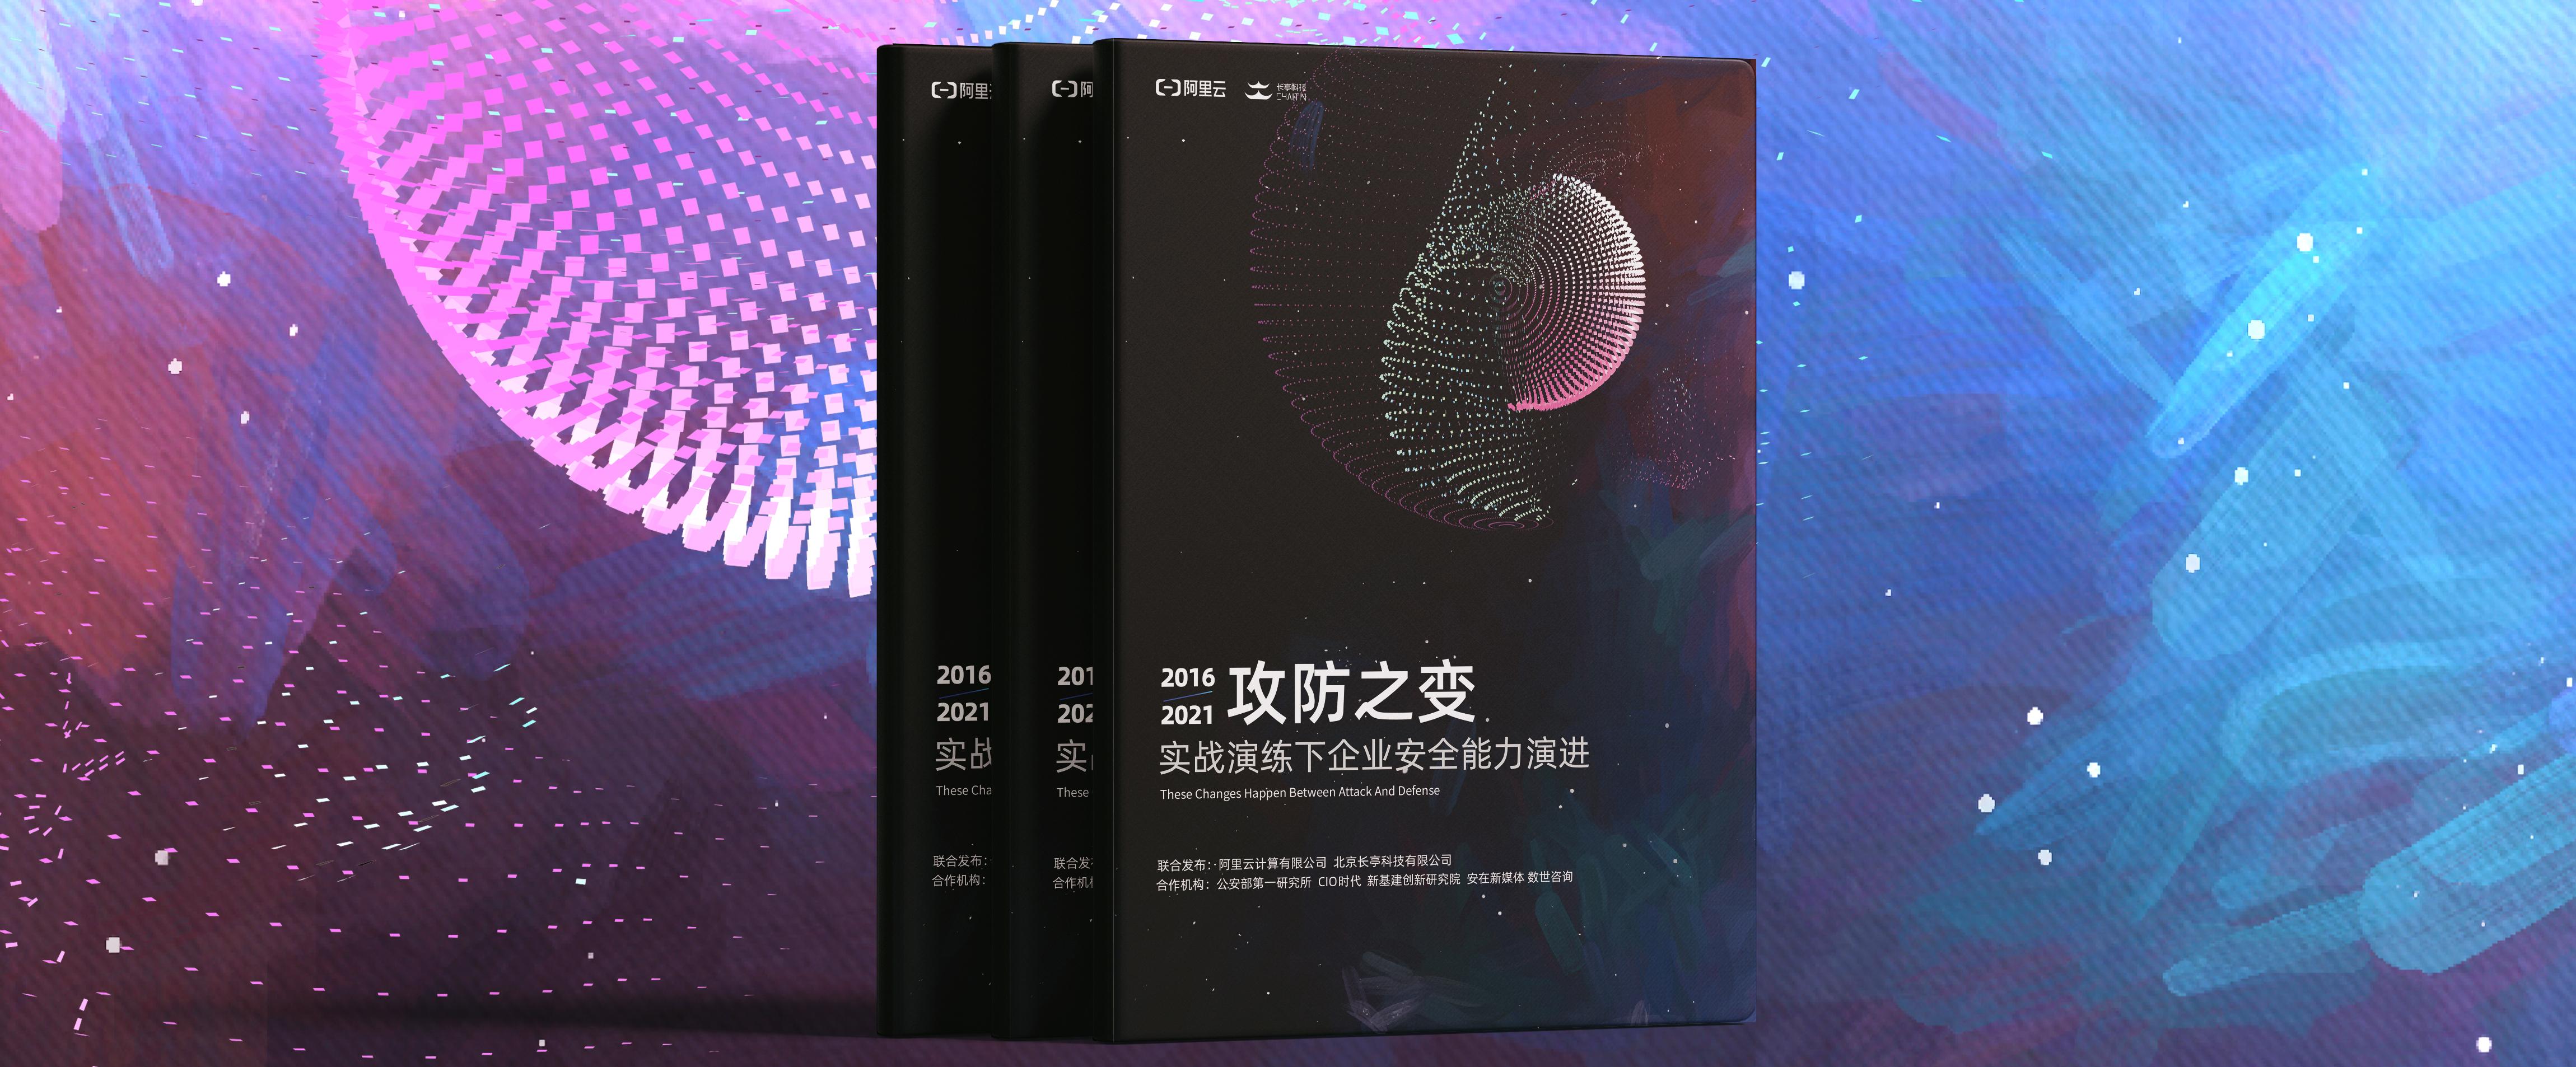 阿里云 X 长亭科技再度联手,重磅报告历数6年攻防之变